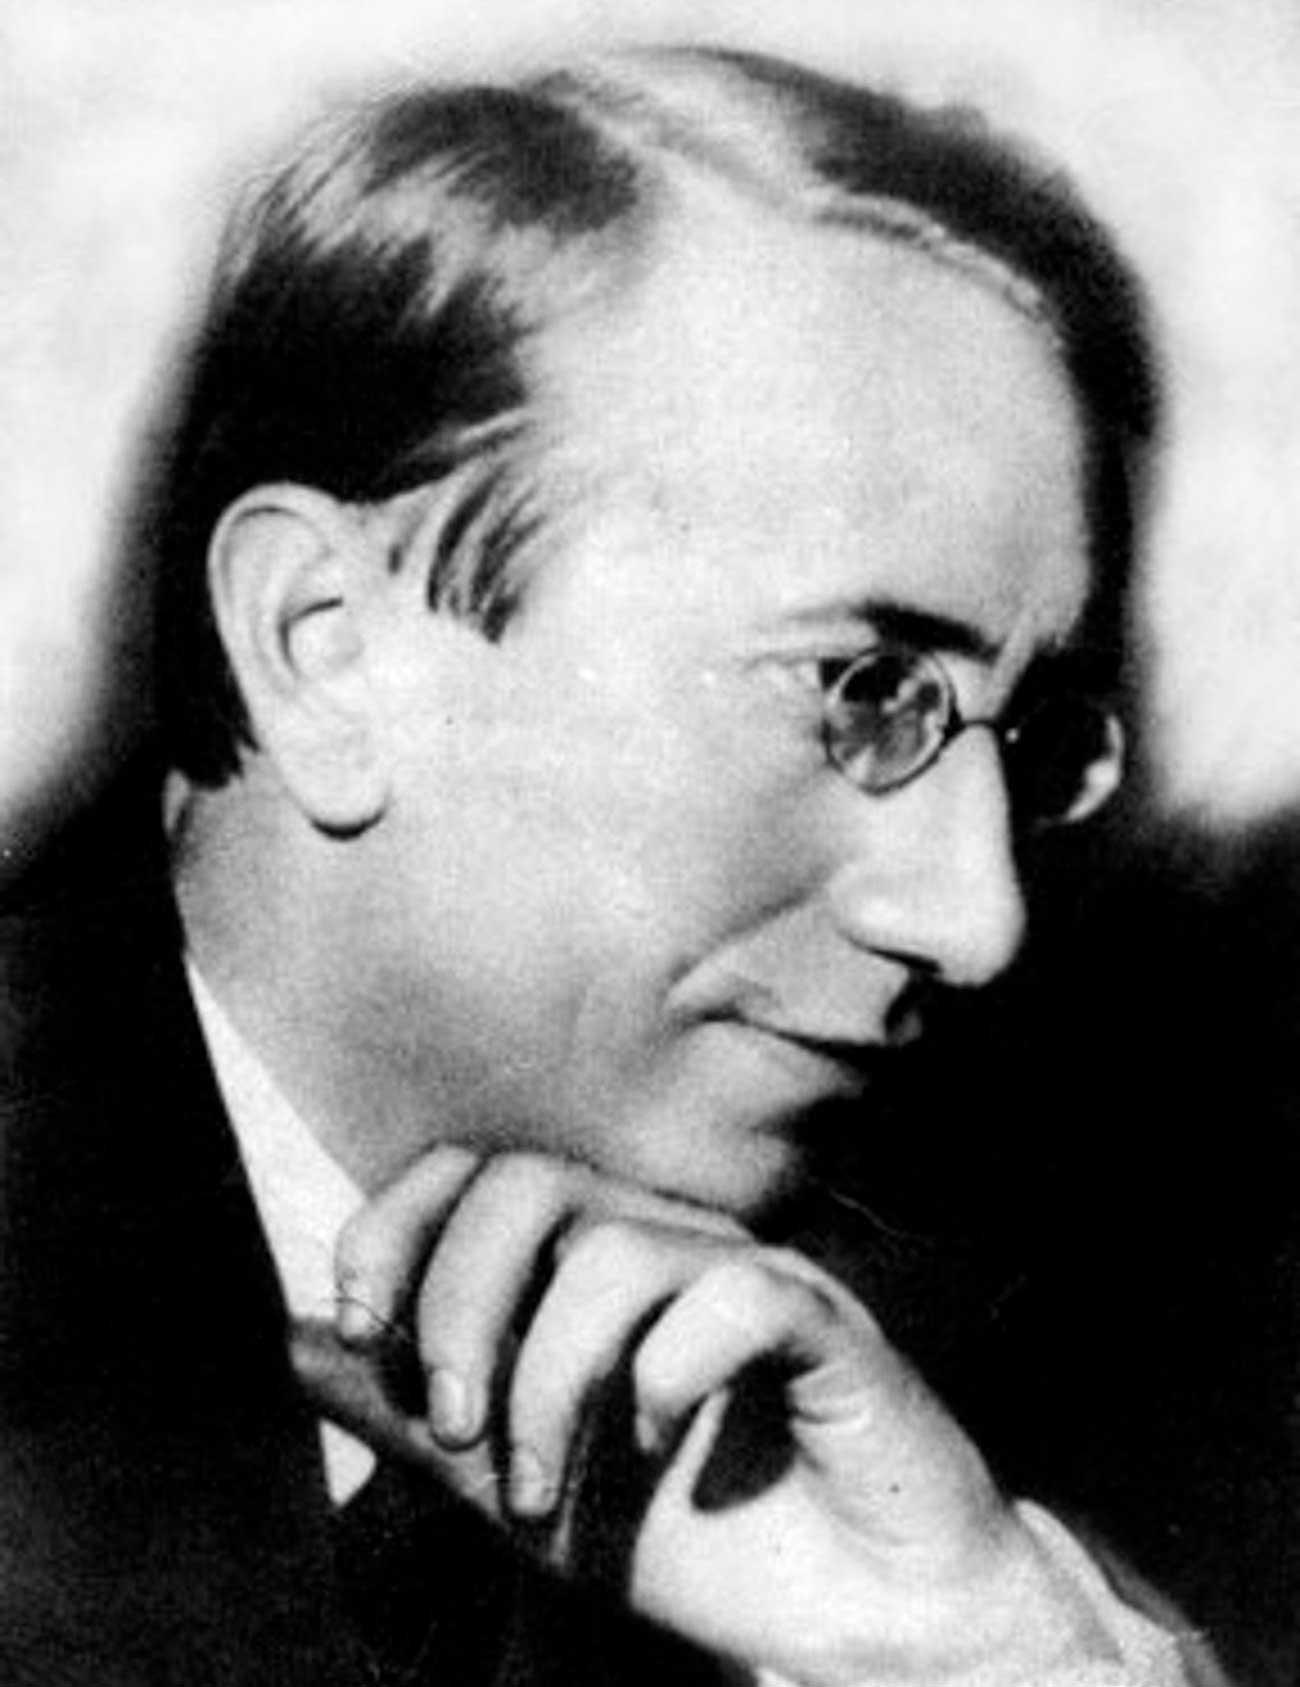 Krjijanóvski criou uma das principais obras do realismo mágico soviético.